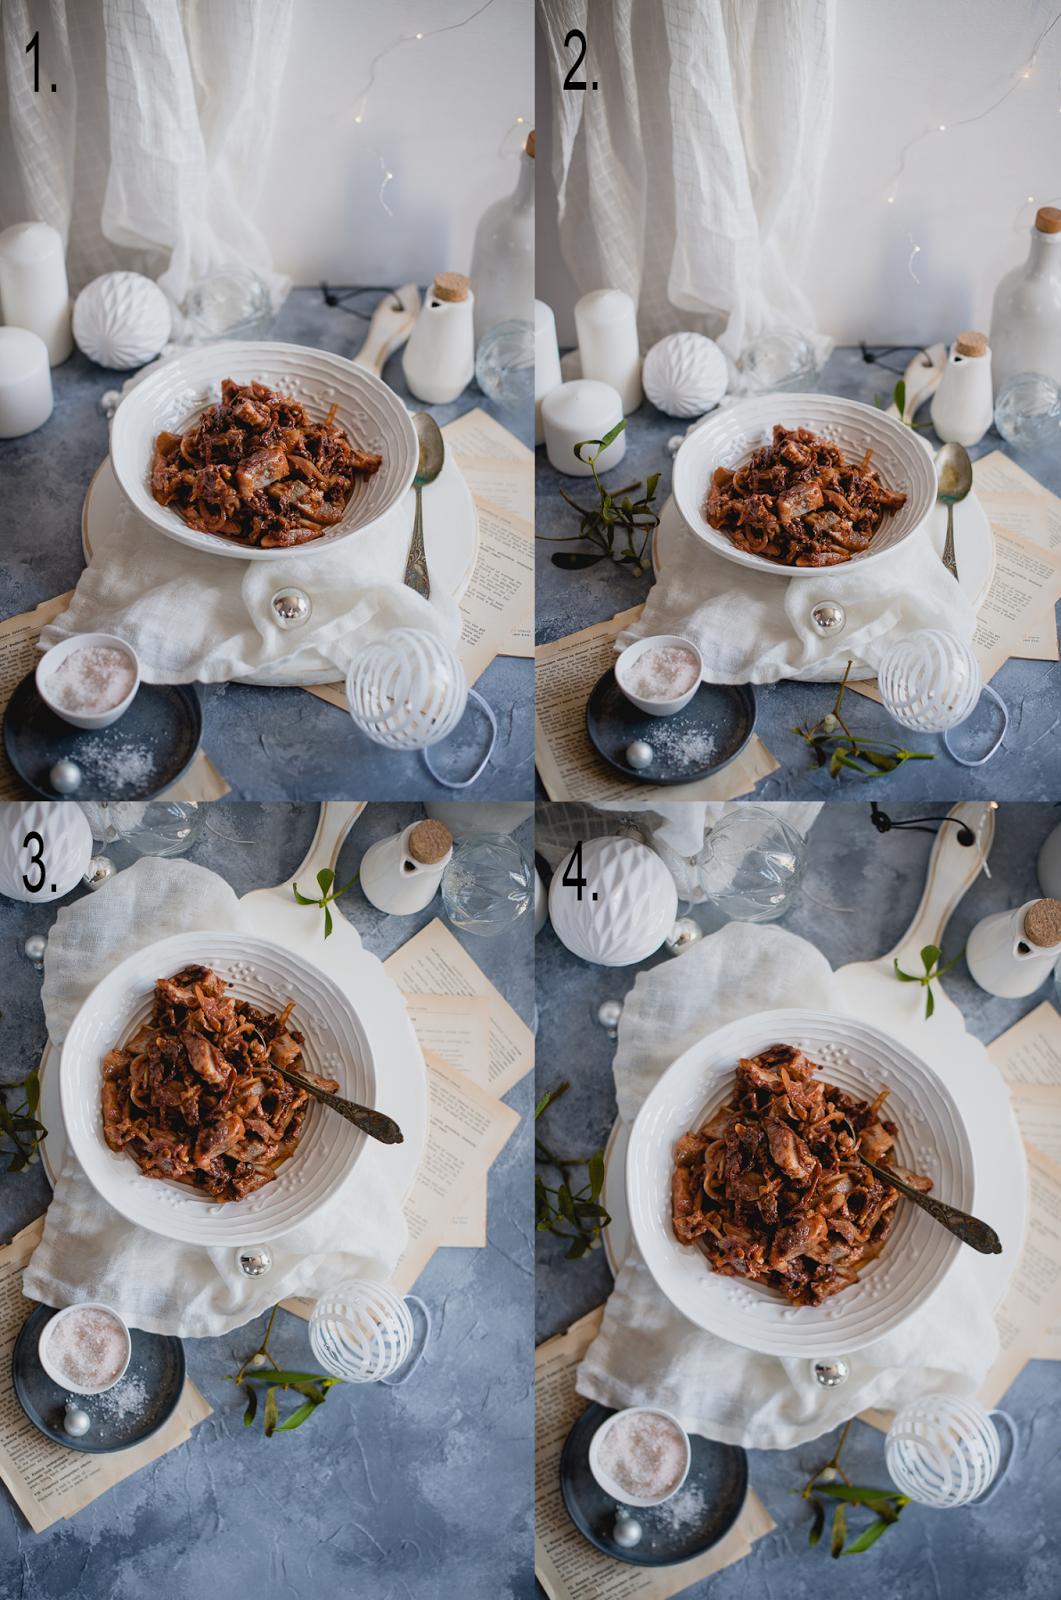 Kulisy fotografii kulinarnej: omawianie zdjecia